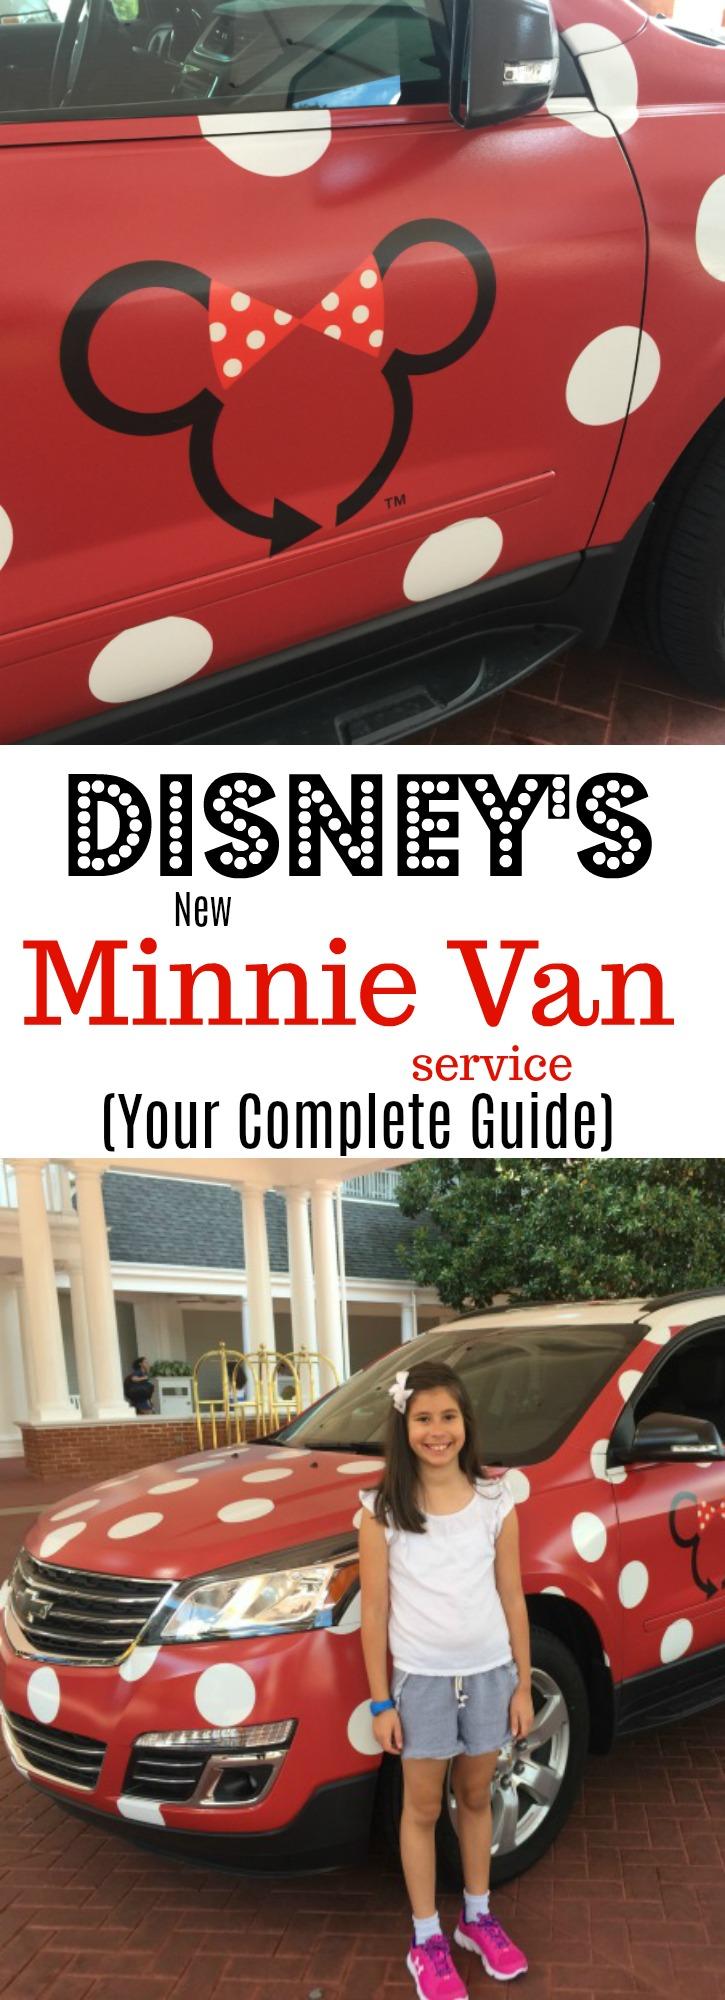 Disney's Minnie Van Service at WDW